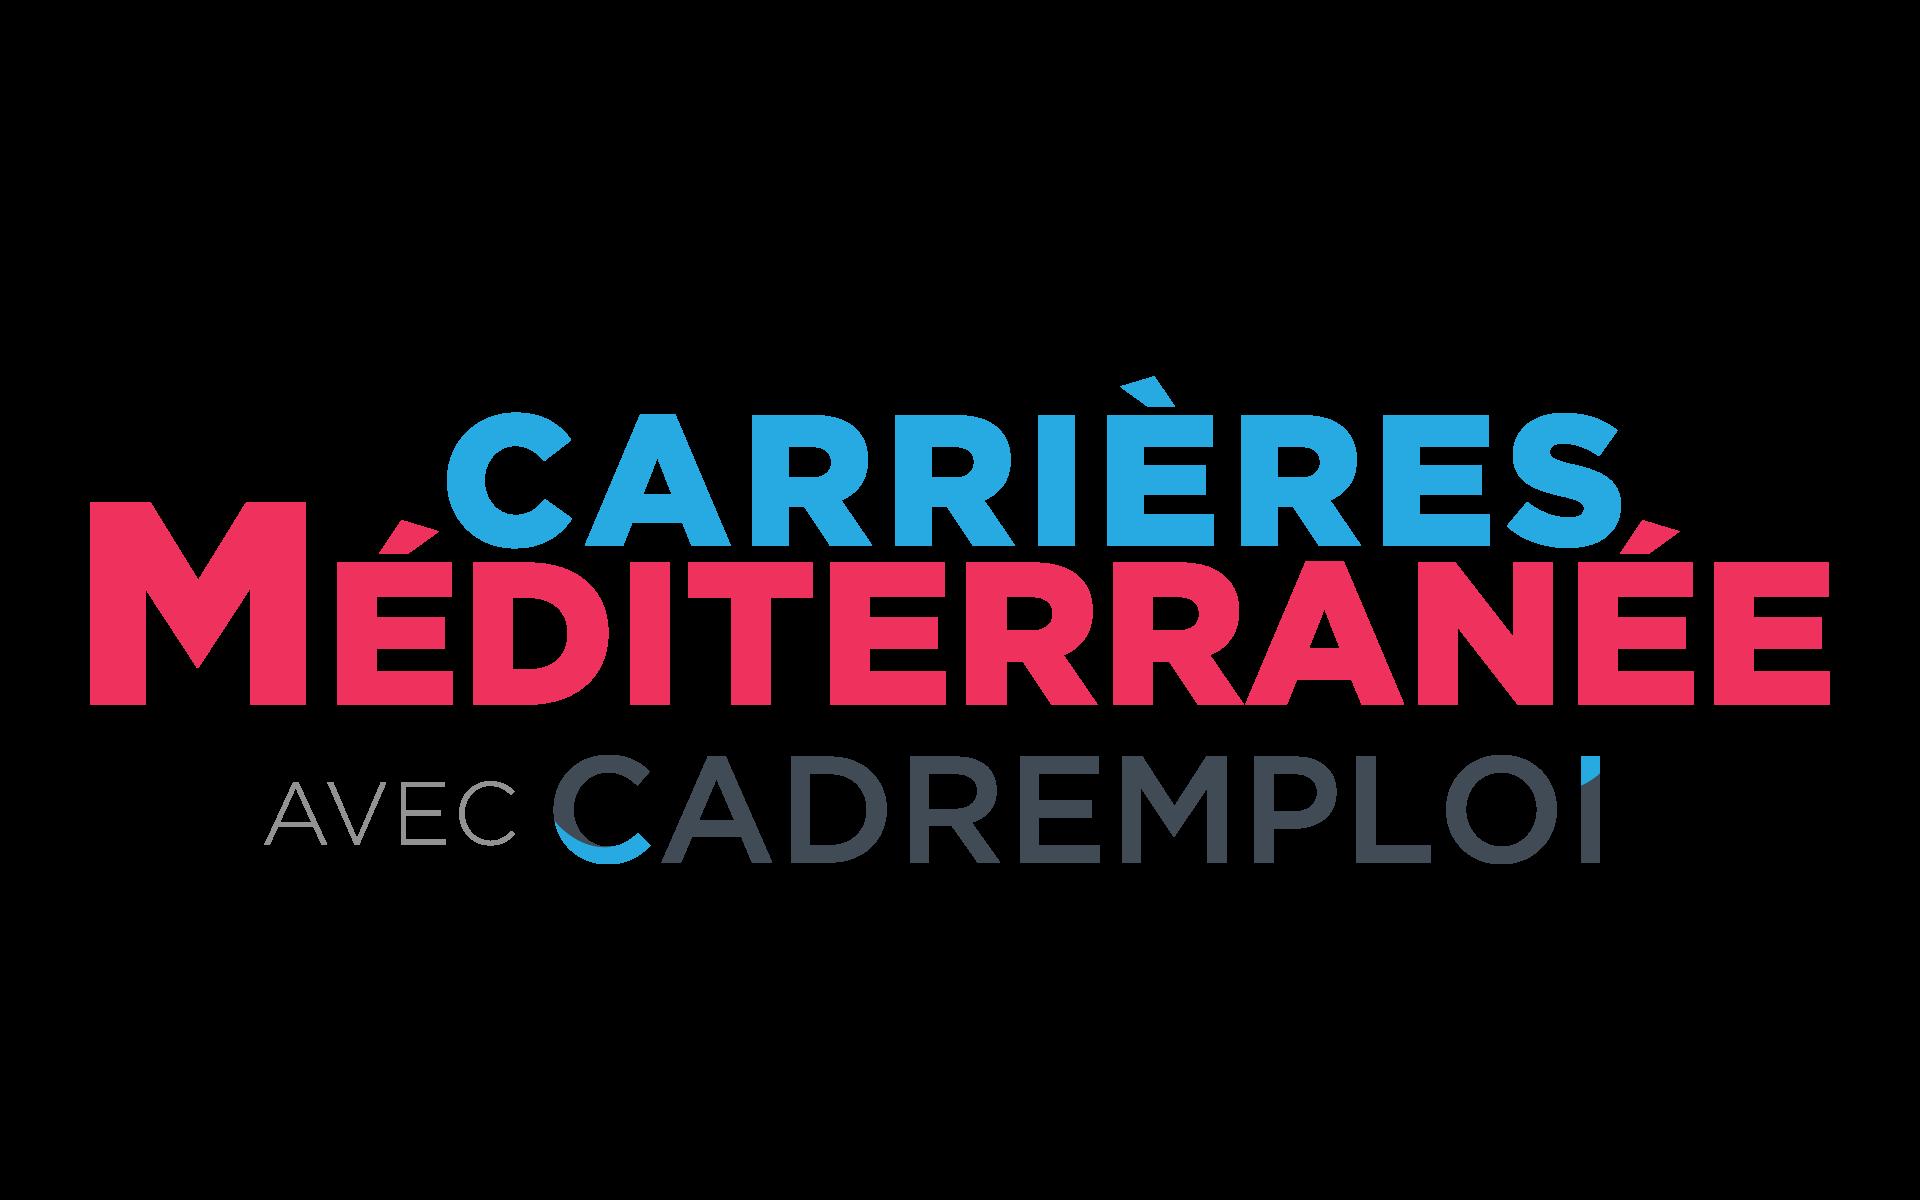 LOGO-CARRIERE-med_TRANS-RVB